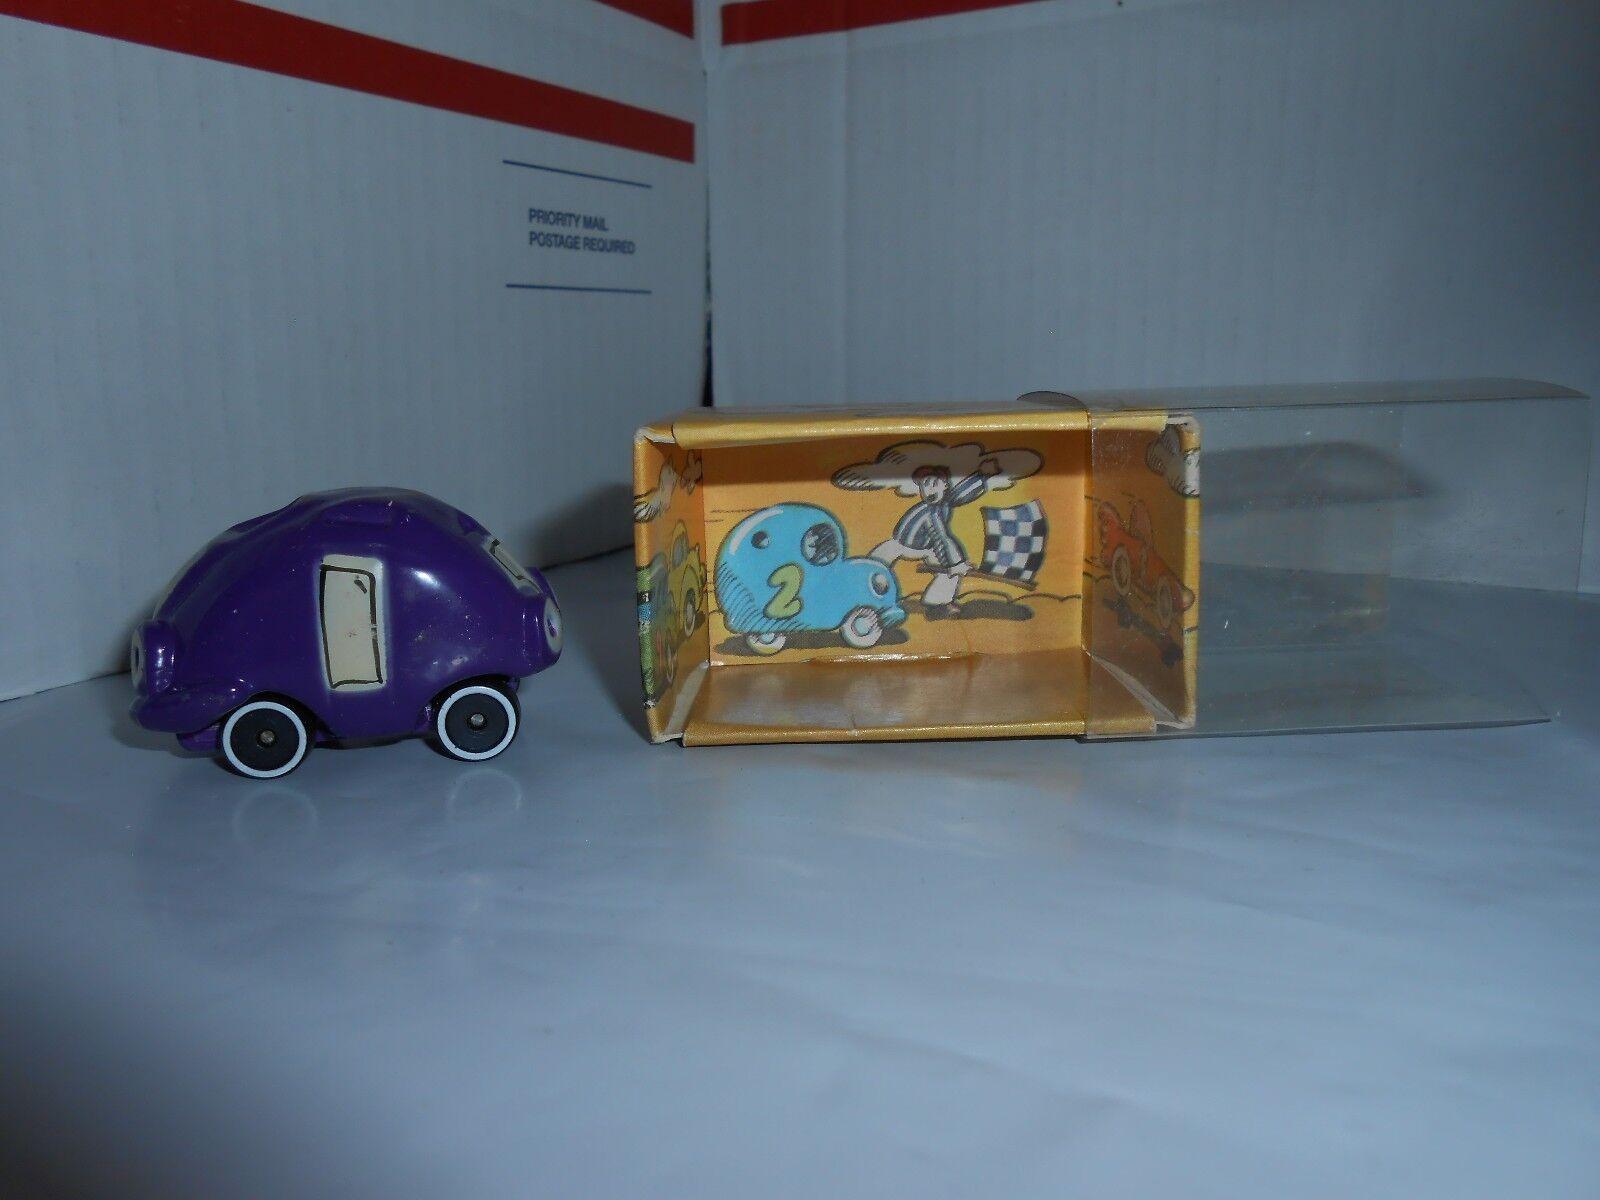 Los mejores precios y los estilos más frescos. Muy Rara Vintage 1970s serie 1 Hallmark Cocheds Road Rovers Rovers Rovers púrpura Squash coche con caja  los nuevos estilos calientes